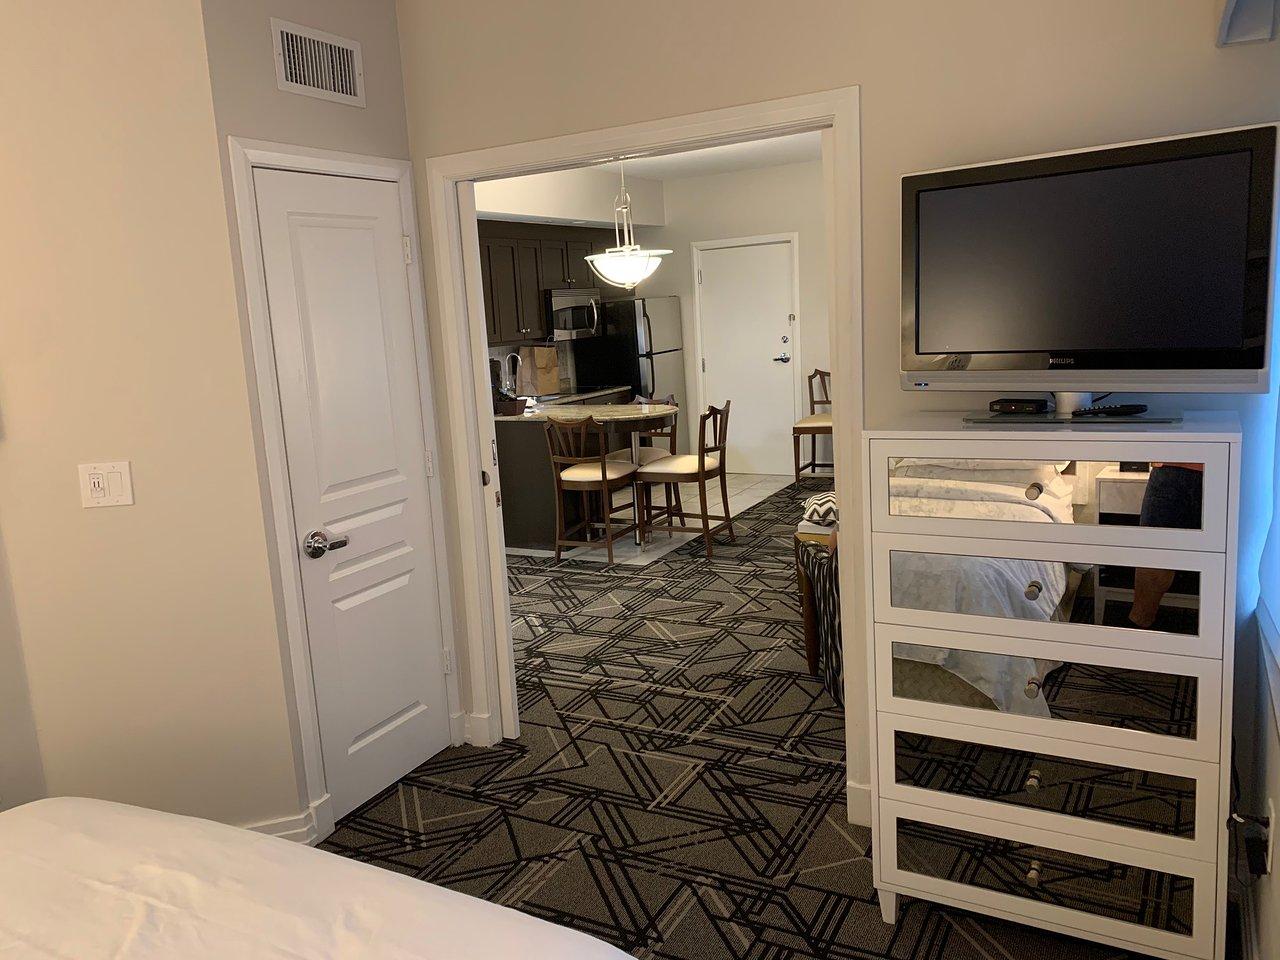 Hilton Grand Vacations at McAlpin-Ocean Plaza Bed